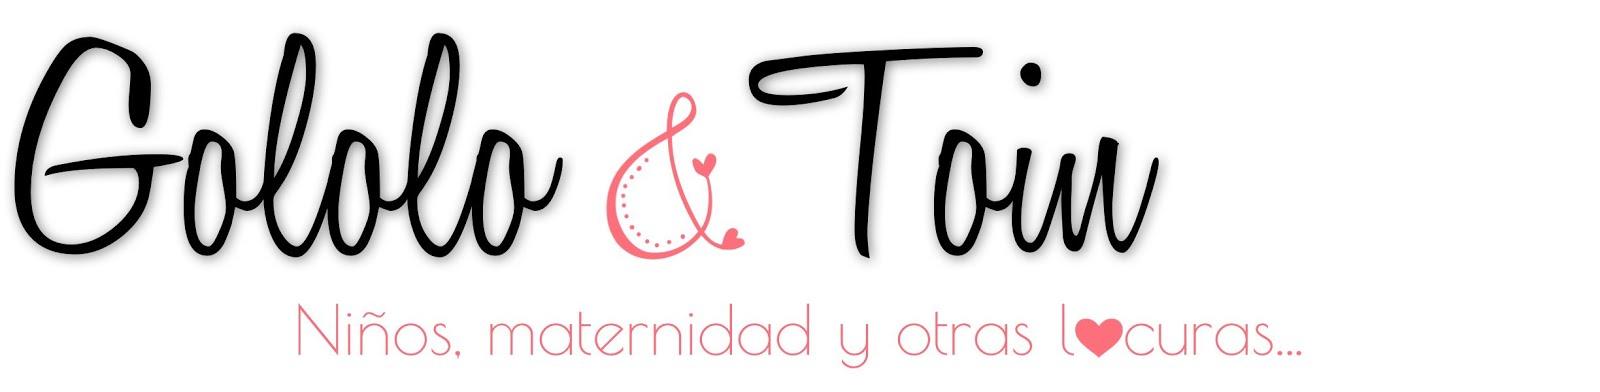 Gololo y Toin: blog de maternidad, educación y niños.